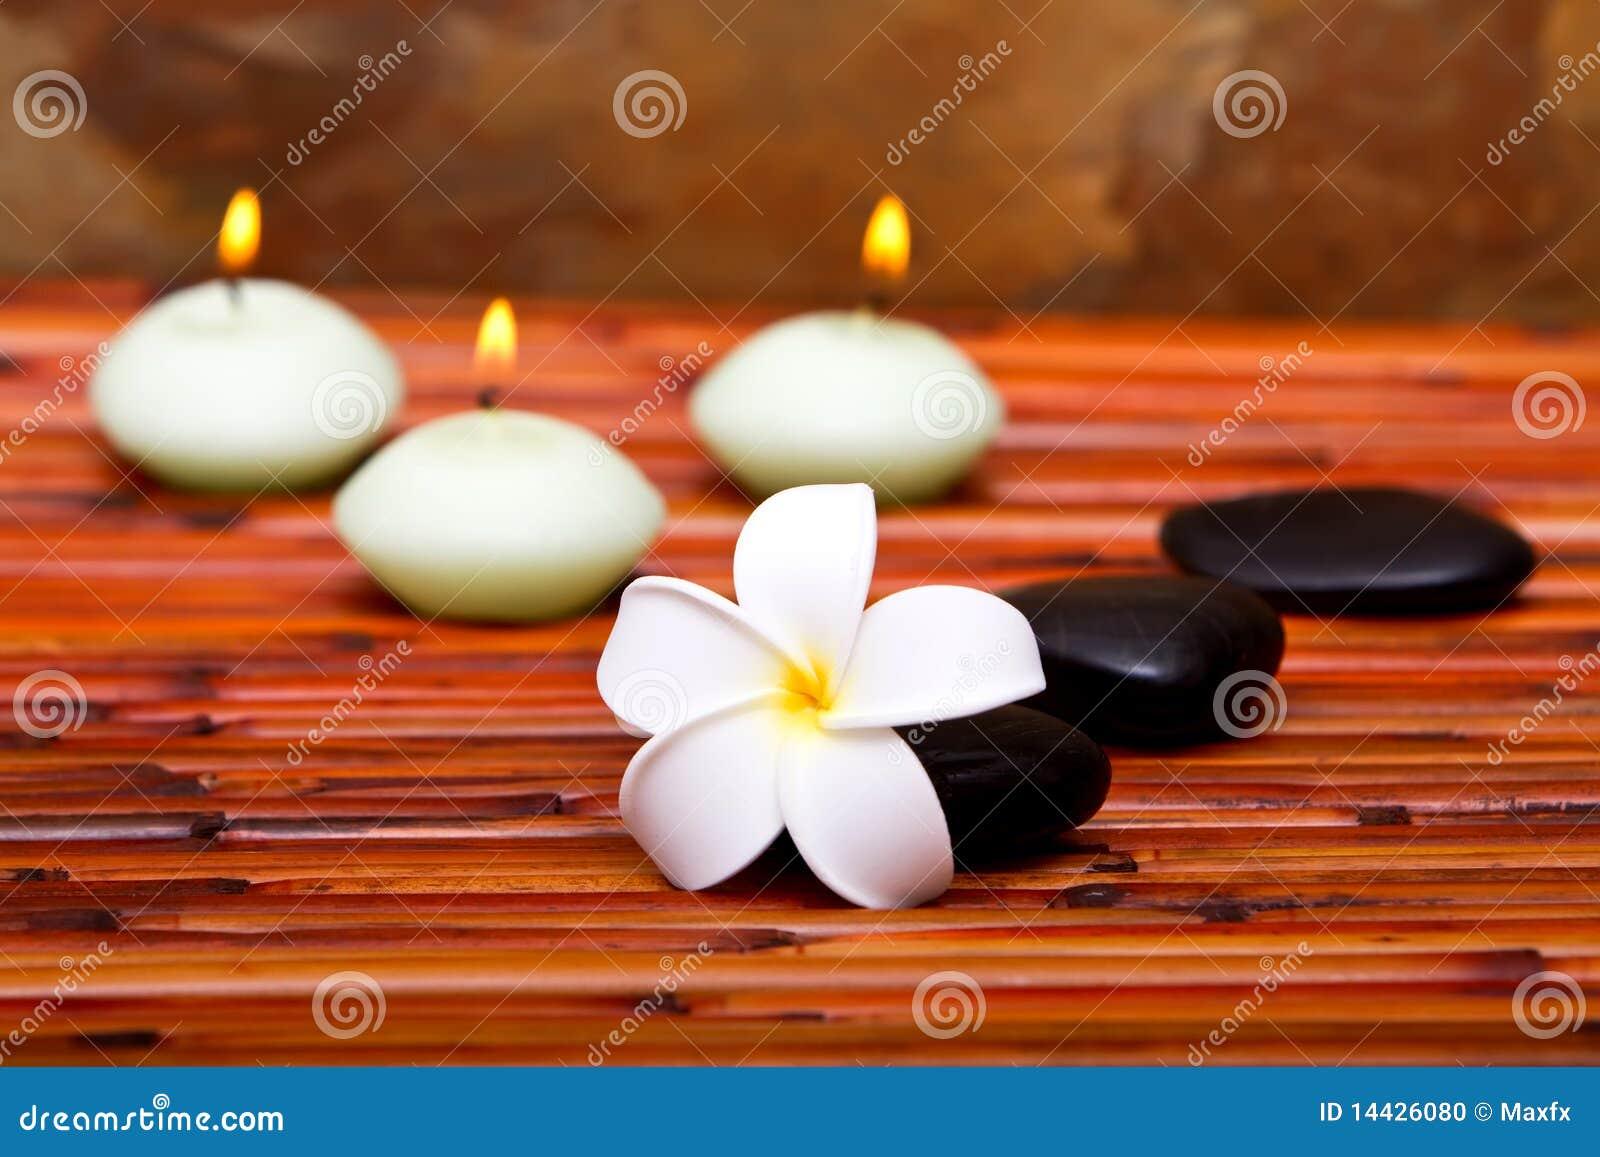 蜡烛花杏仁奶油饼温泉石头